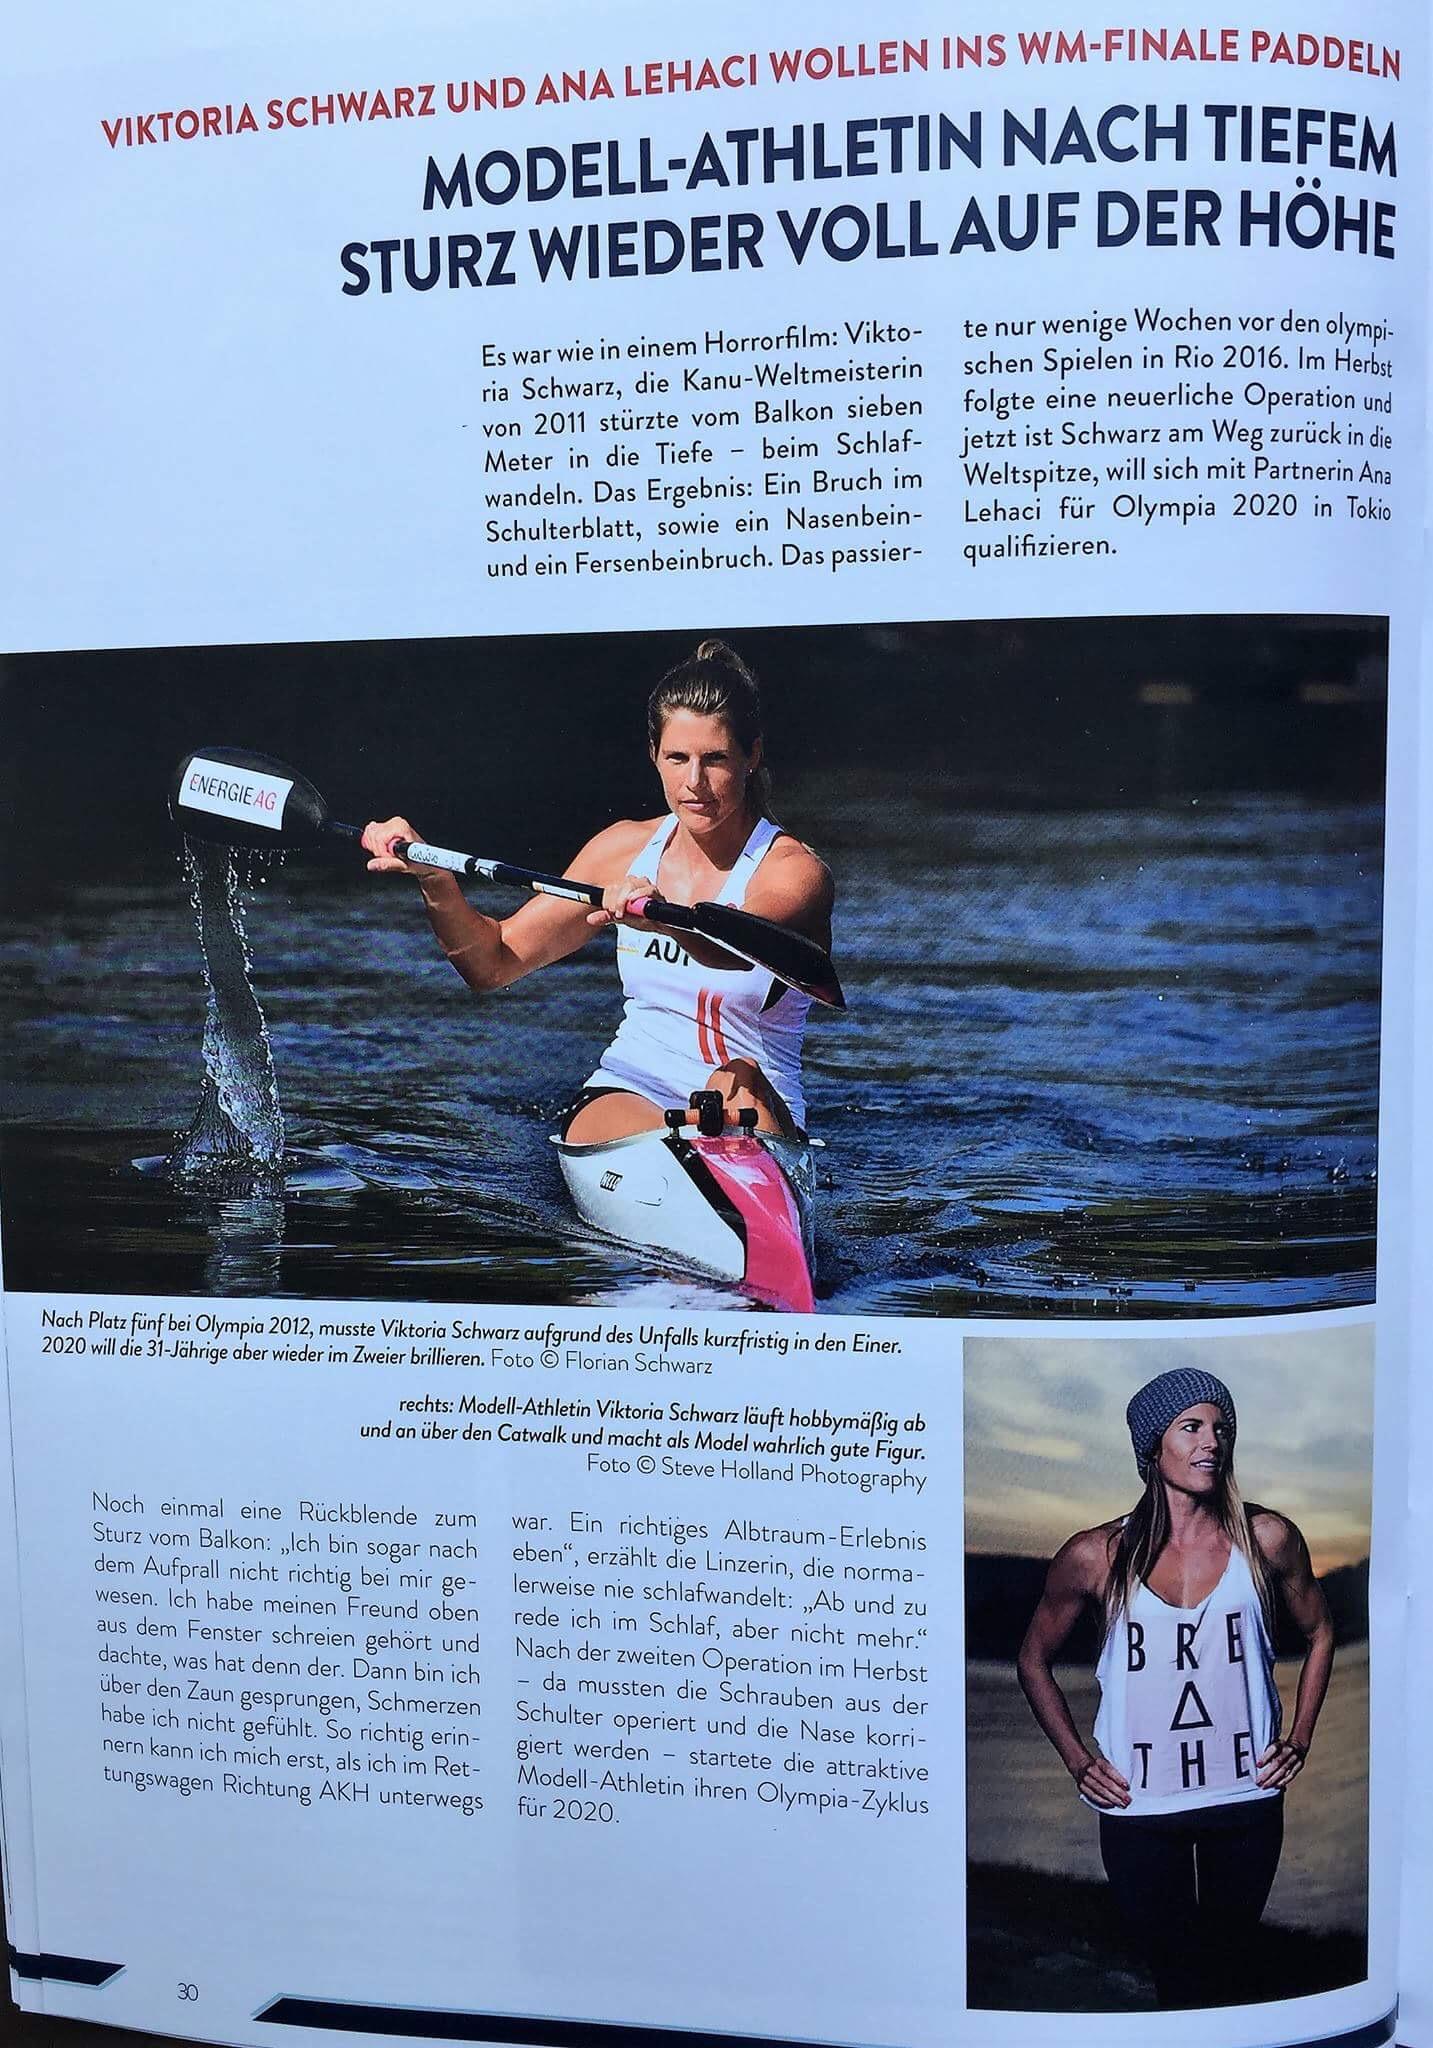 Modell-Athletin nach tiefem Sturz wieder voll auf der Höhe (Teil 1)